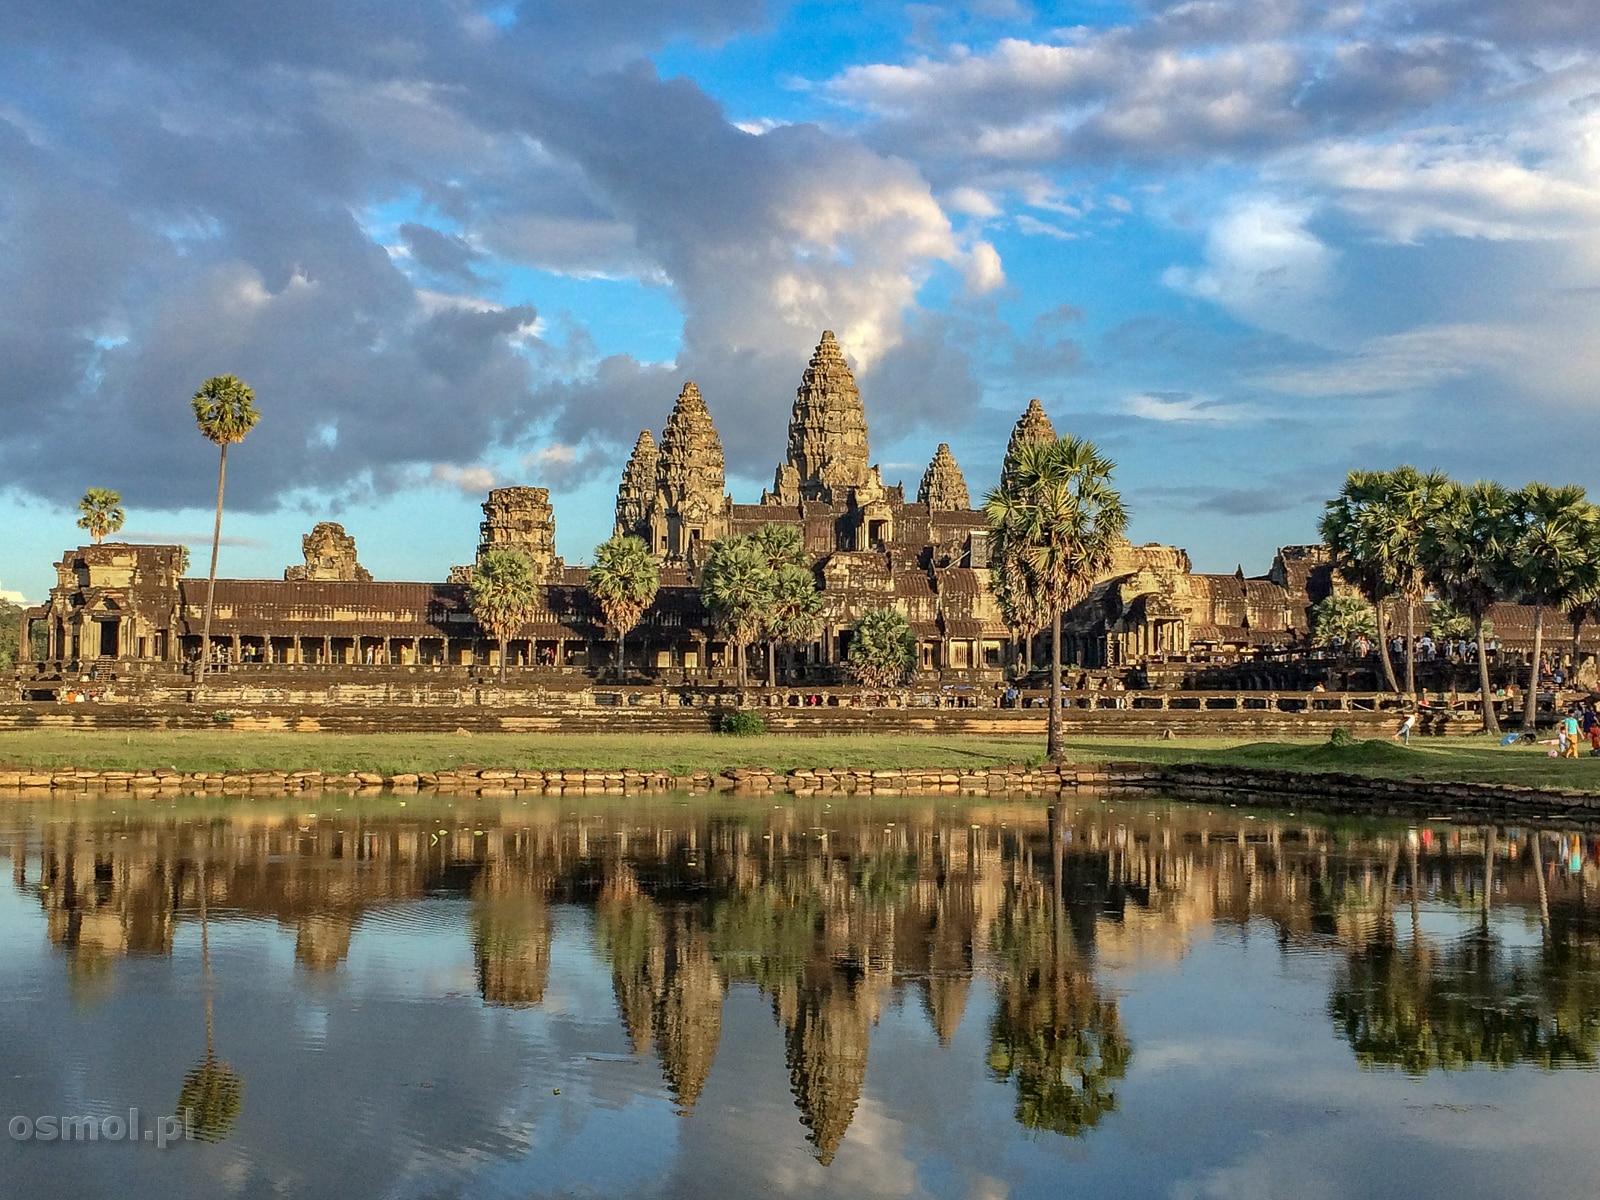 Angkor Wat przeglądający się w wodzie wewnętrznego stawu. Co wieczór gromadzą się tu setki, jeśli nie tysiące turystów.